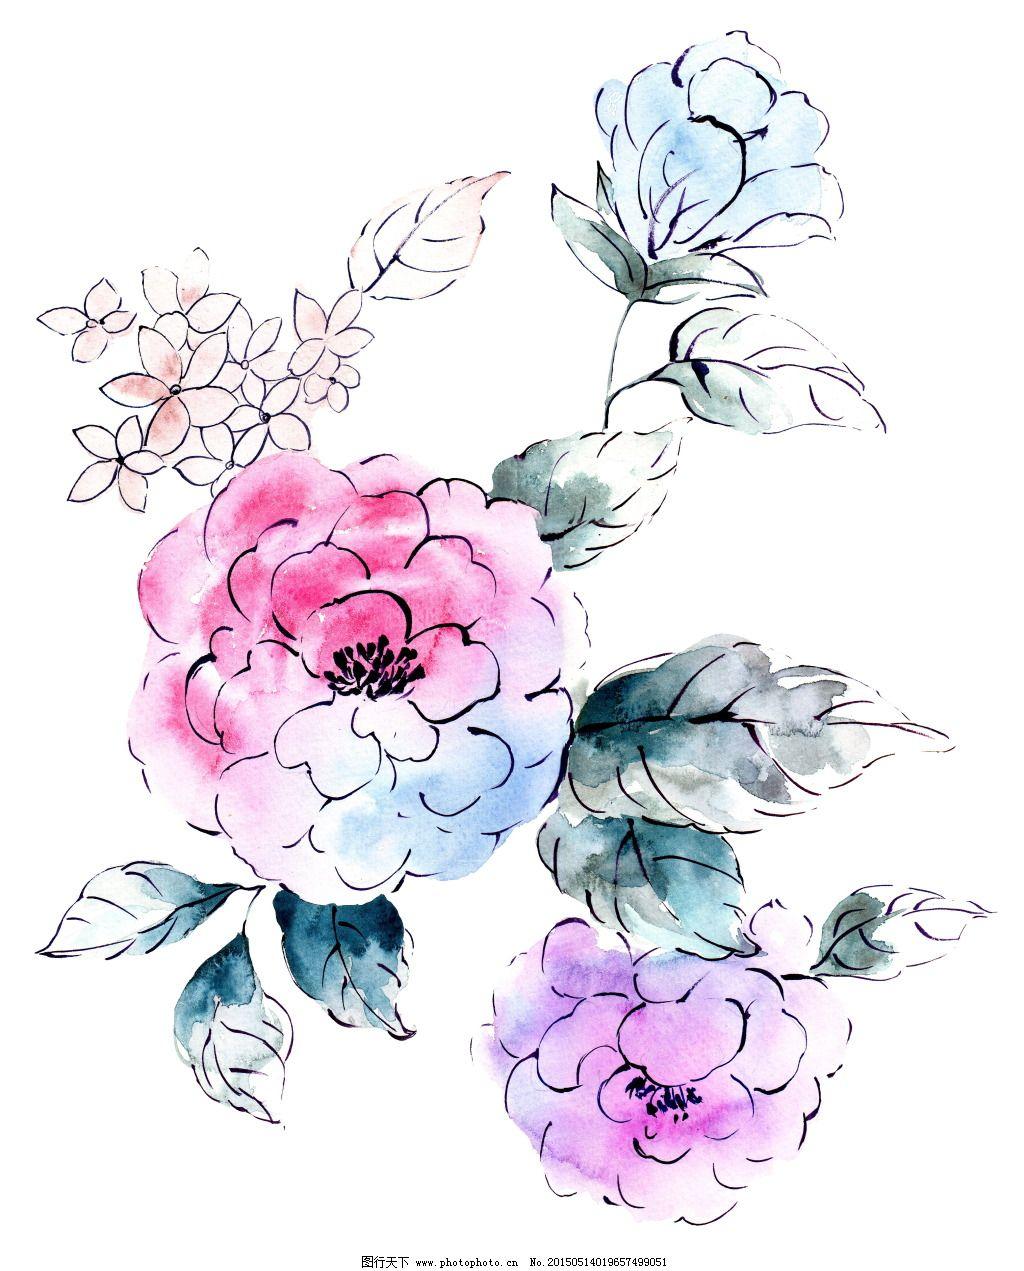 手绘水彩花卉设计免费下载